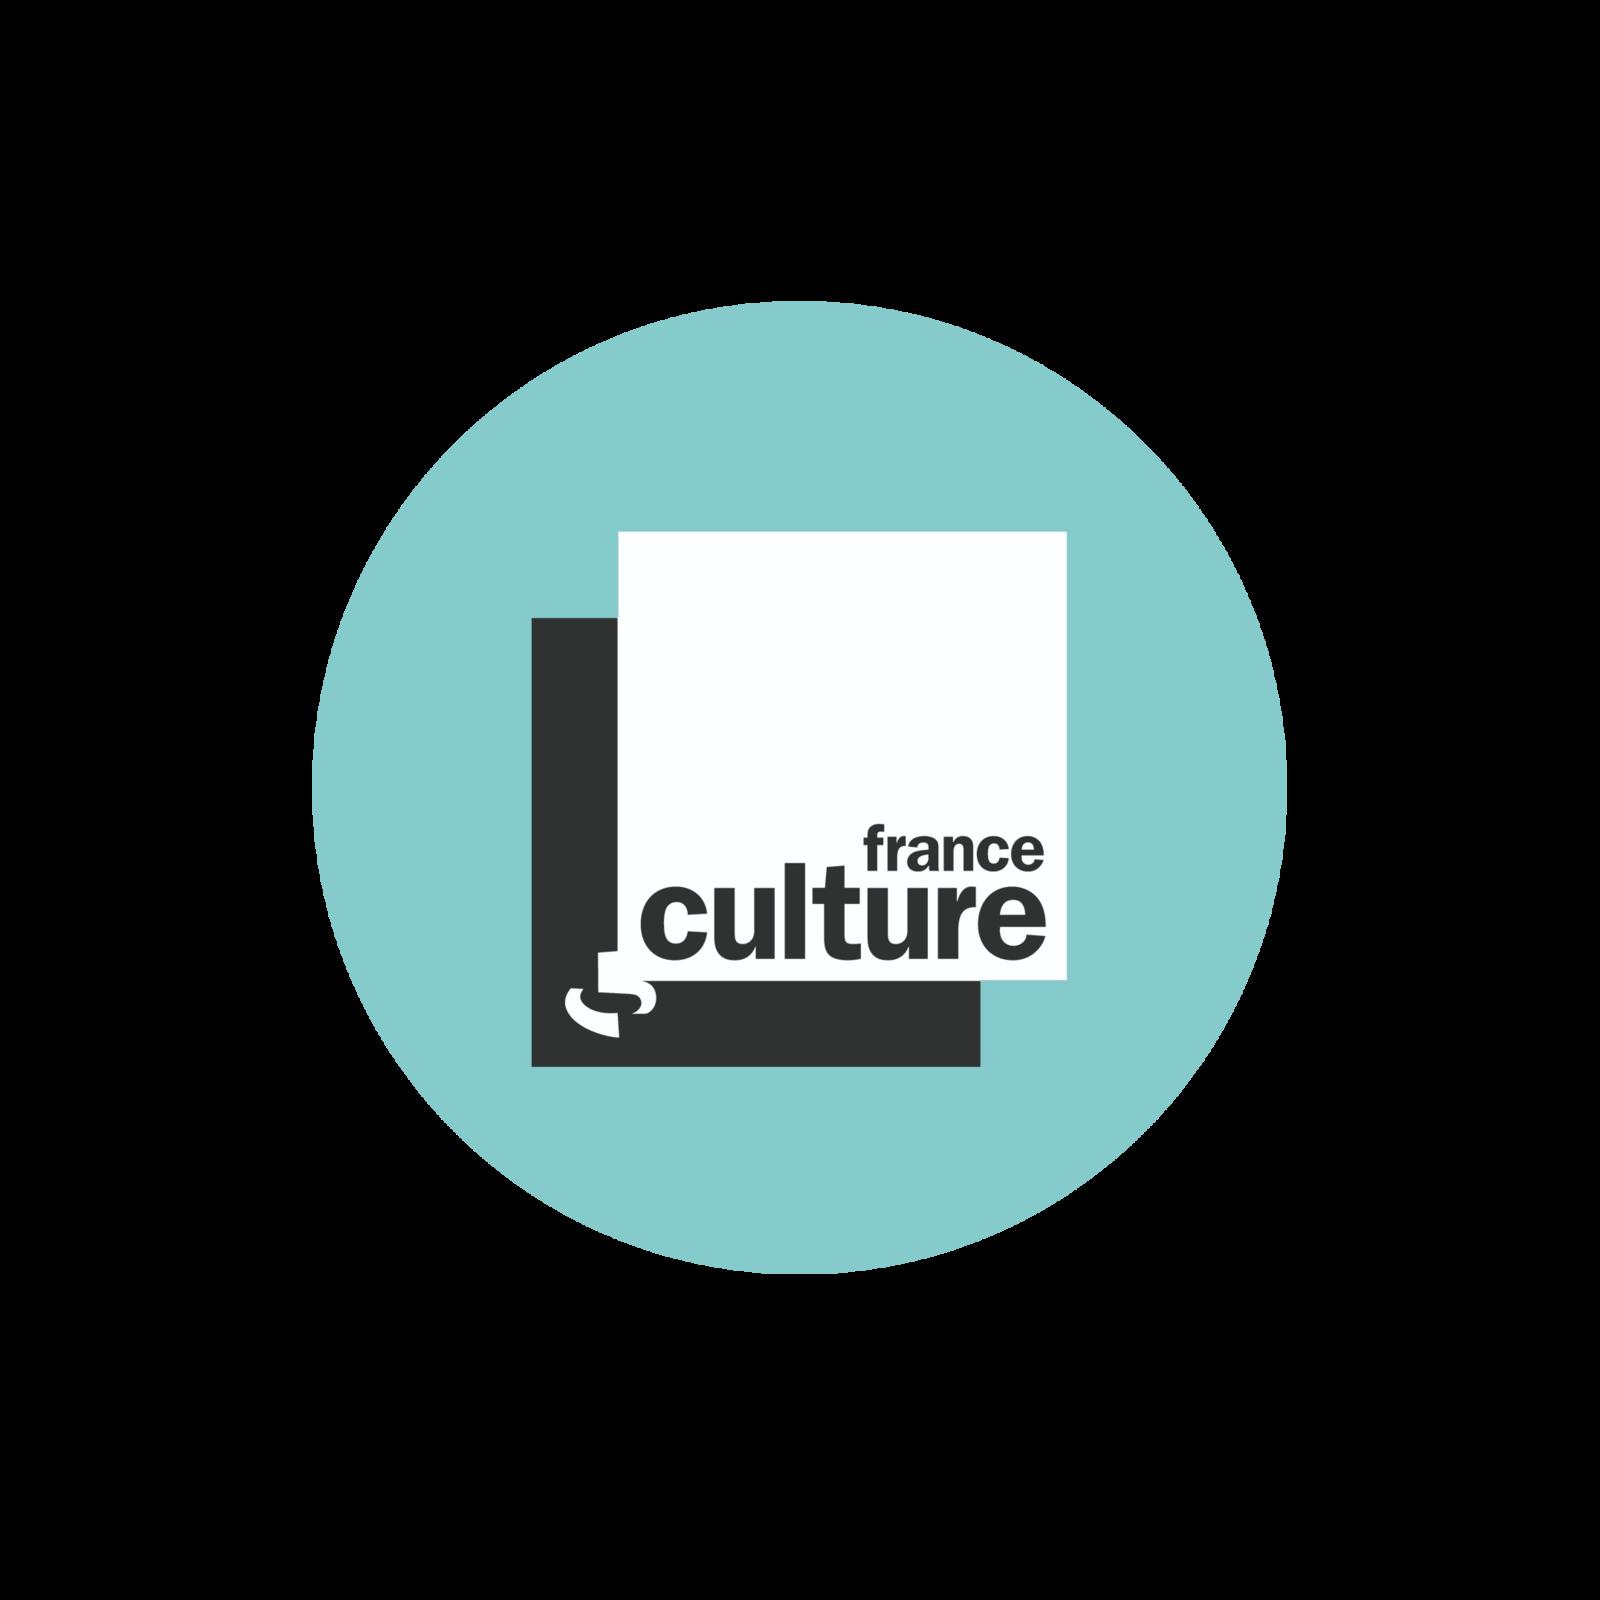 Salle des Machines, nouvelle émission littéraire la saison prochaine sur France Culture.